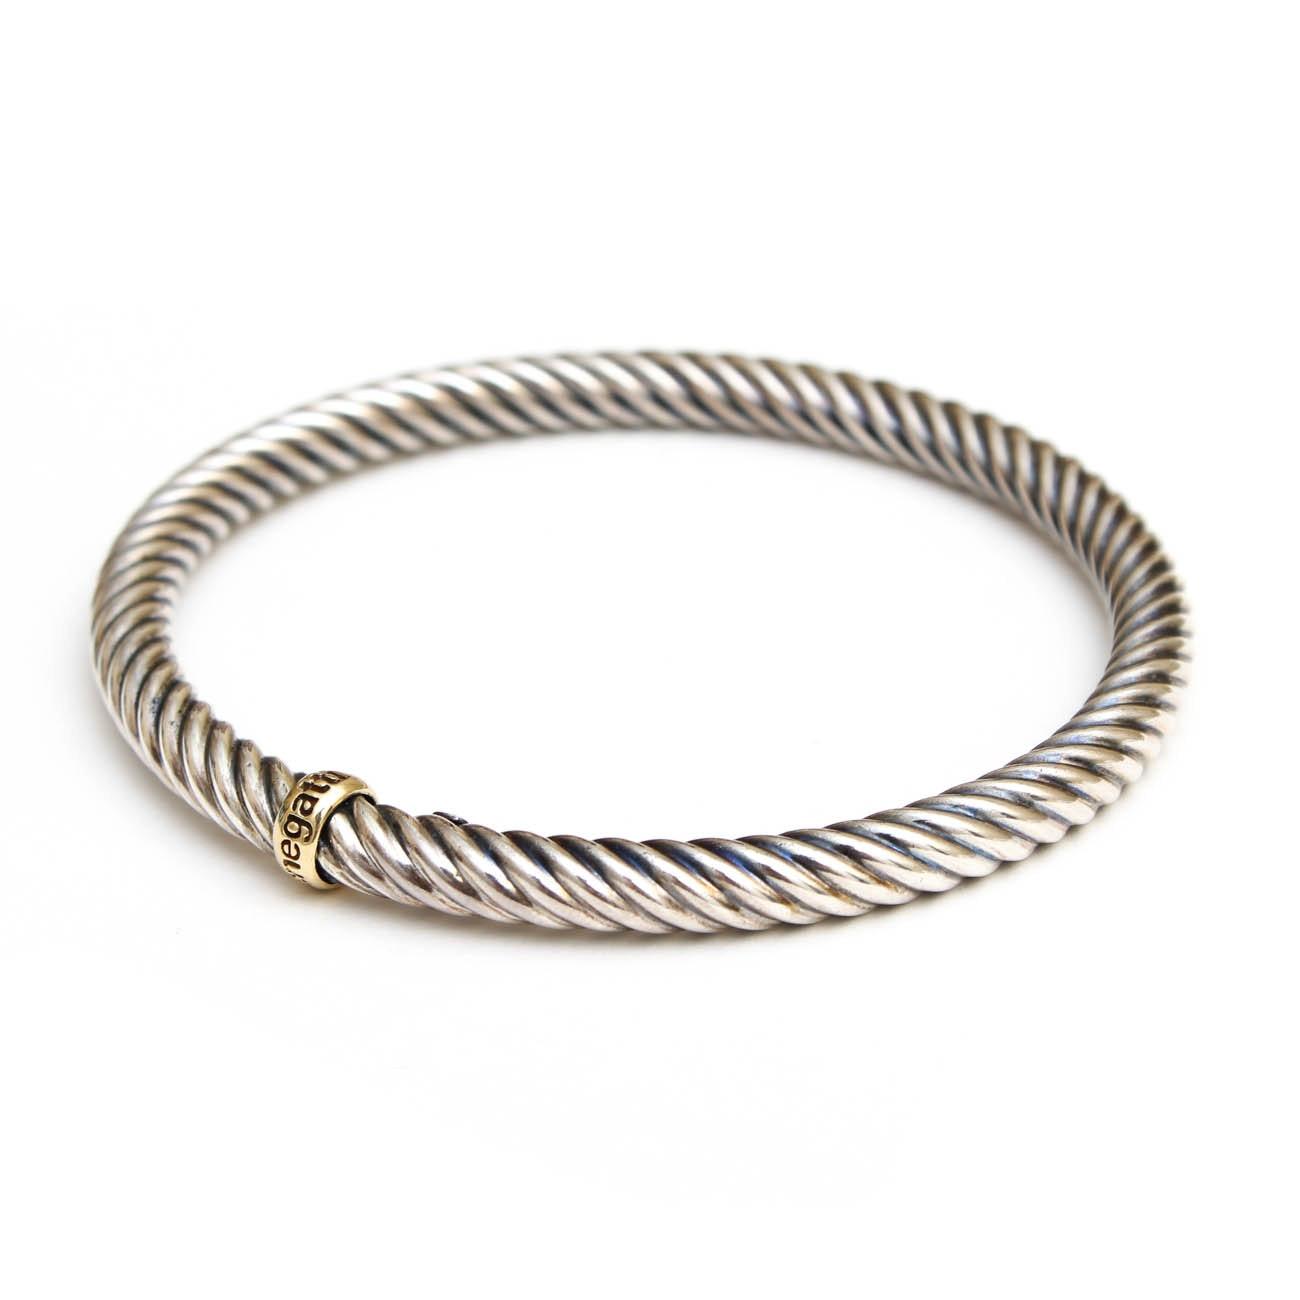 Phillip Gabriel Sterling Silver and 18K Gold Bangle Bracelet